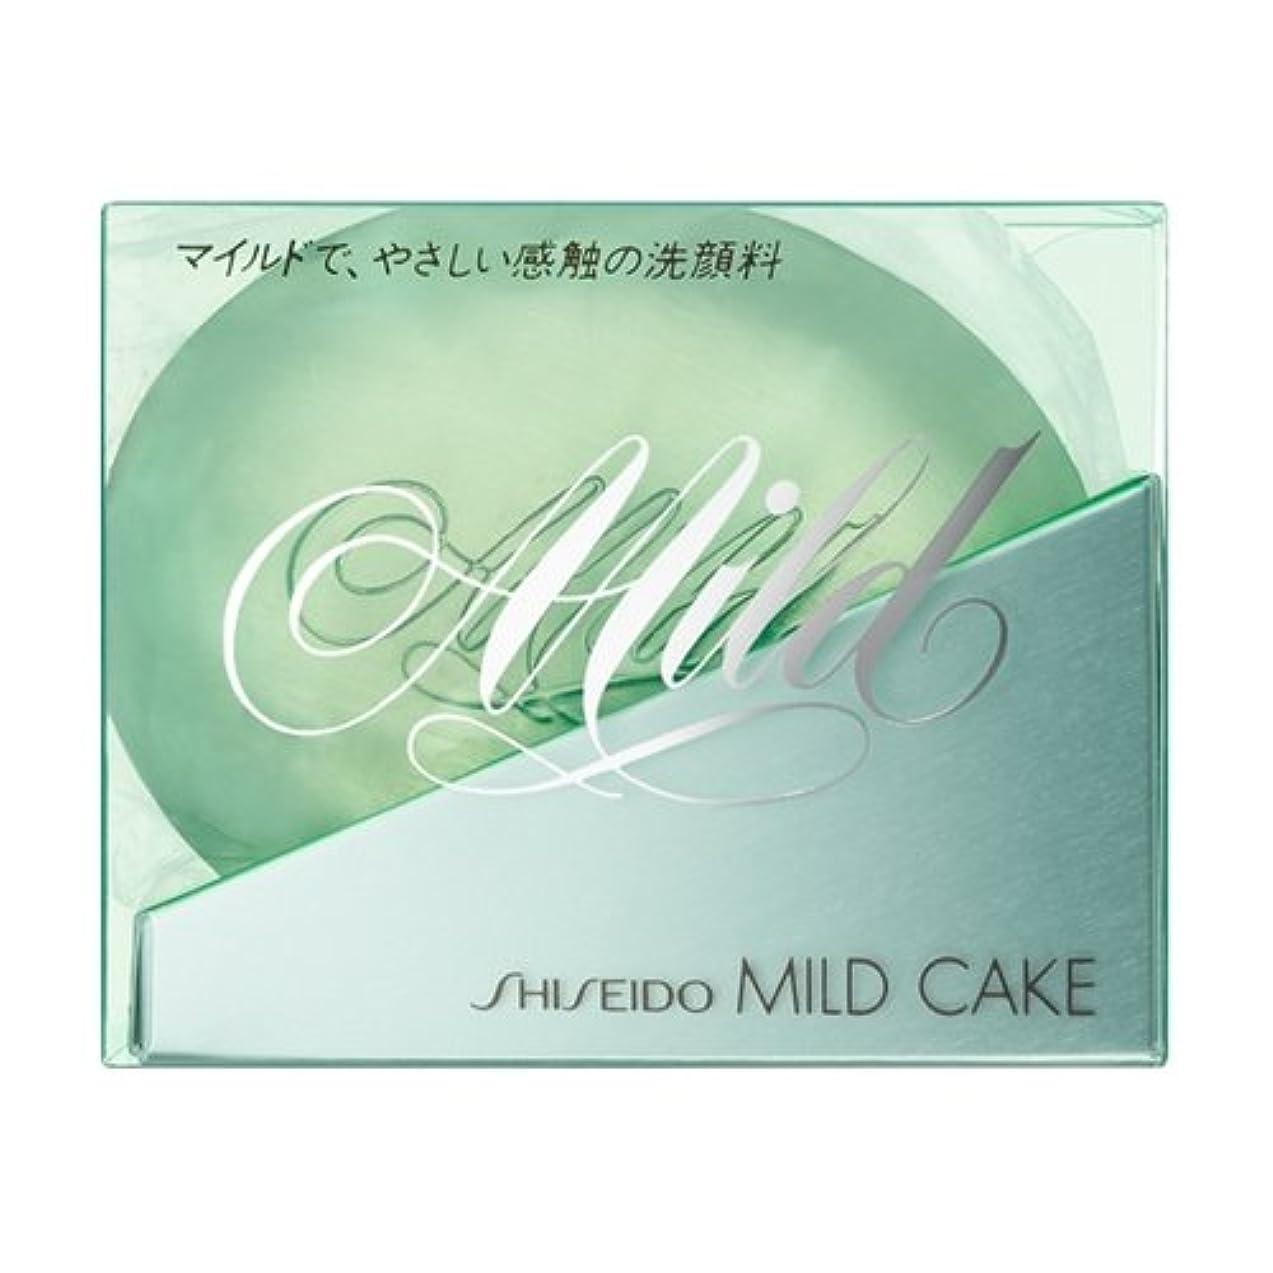 はしごお祝いより平らな資生堂 マイルドケーキ